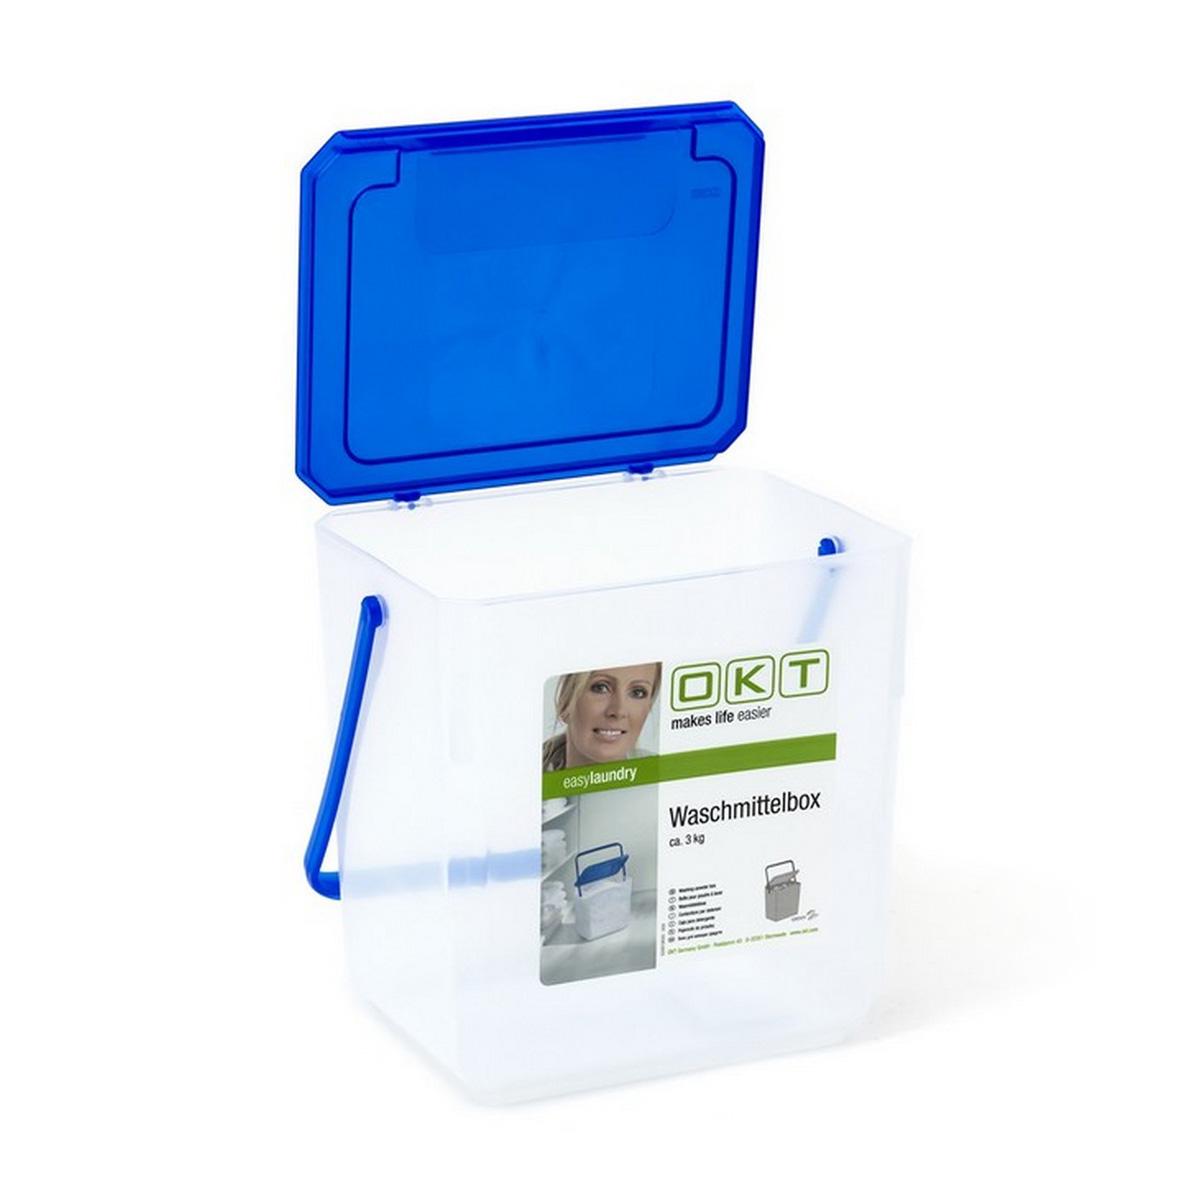 waschmittelbeh lter waschmittel box waschpulverbox unibox 4 5 liter ca 3 kg ebay. Black Bedroom Furniture Sets. Home Design Ideas